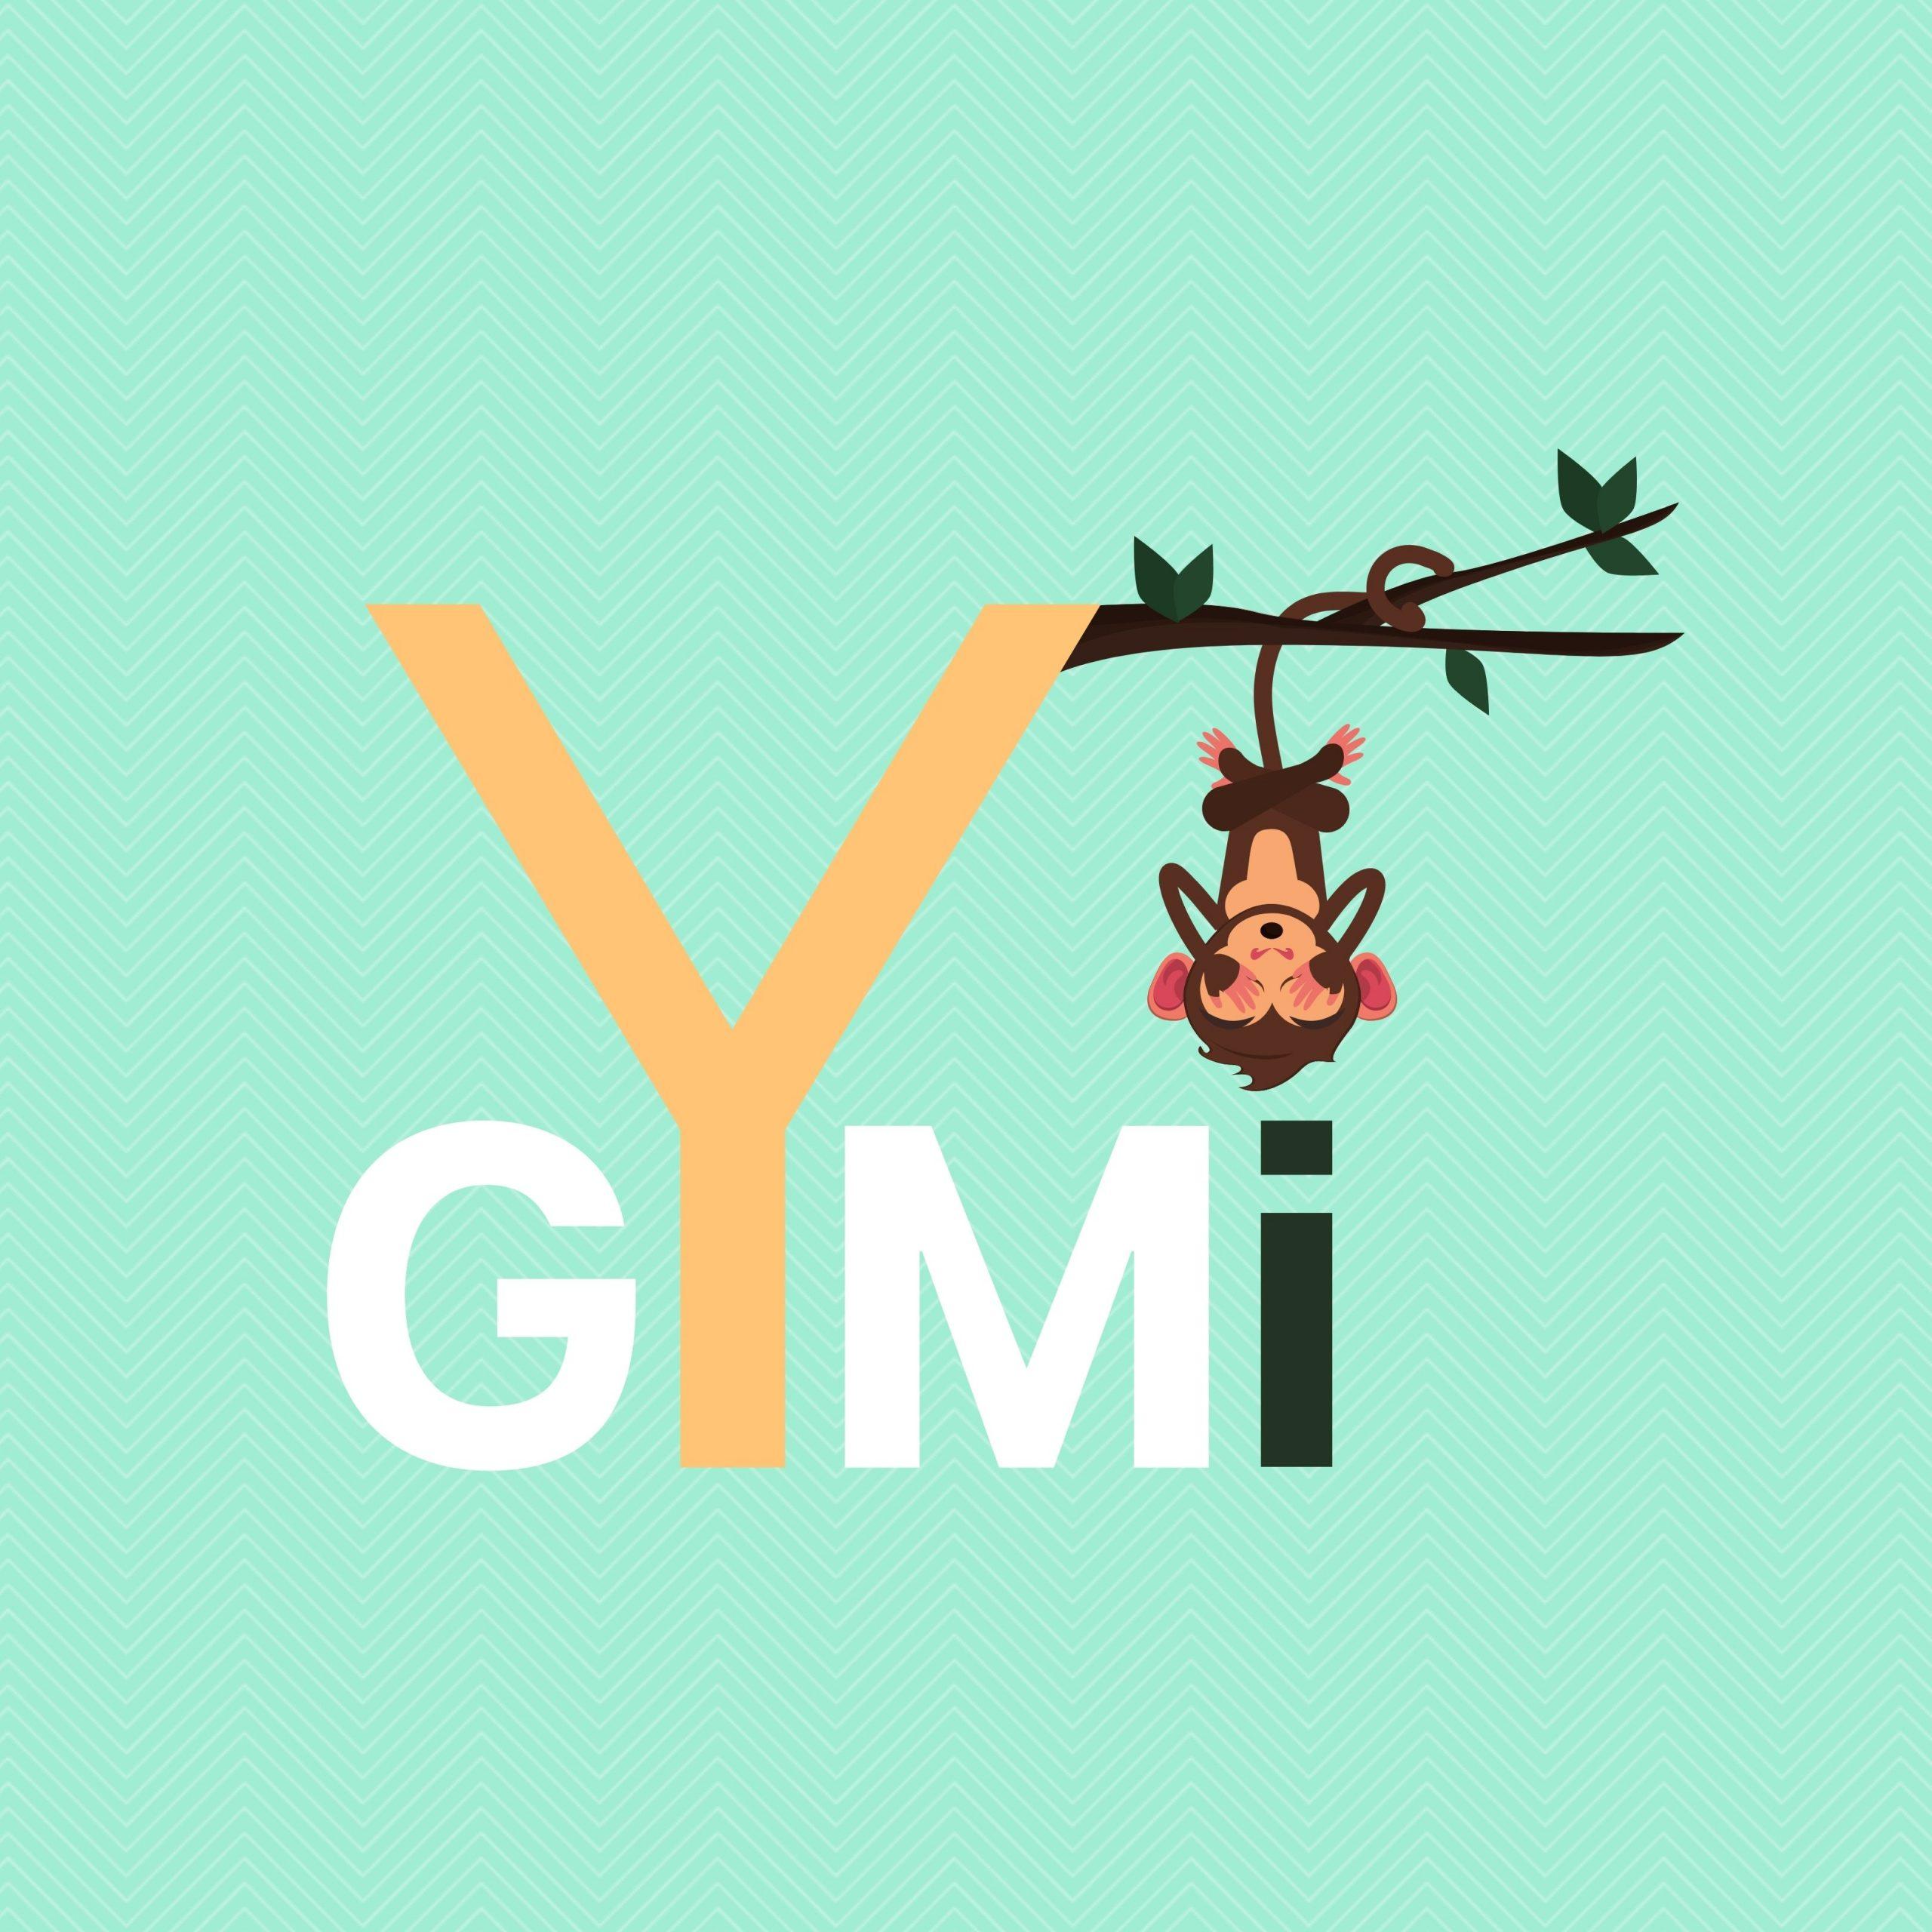 GYMI logo ensaio1 scaled